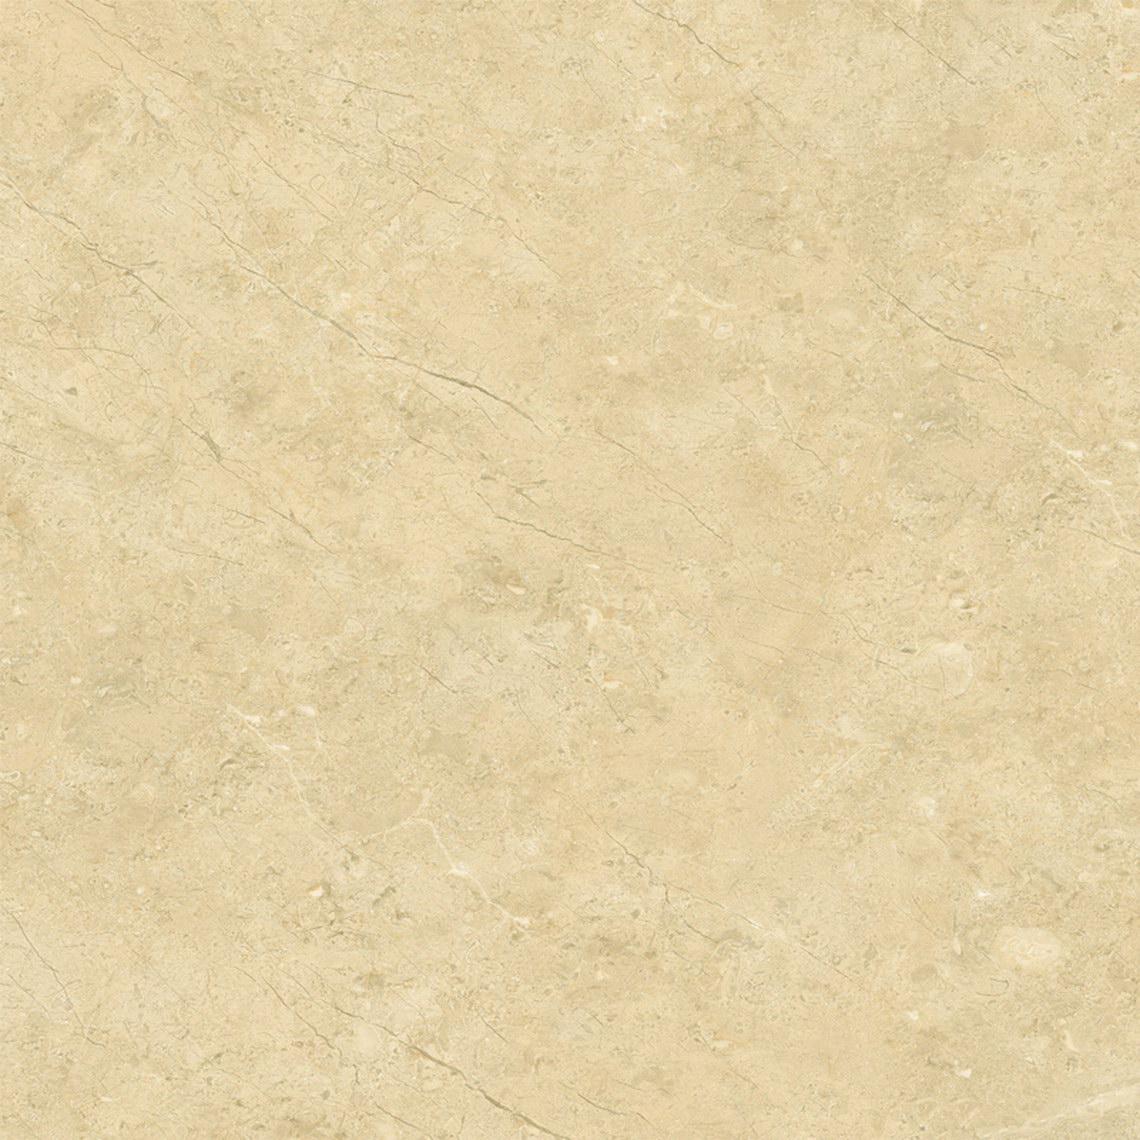 金叶米黄  HPGM80006